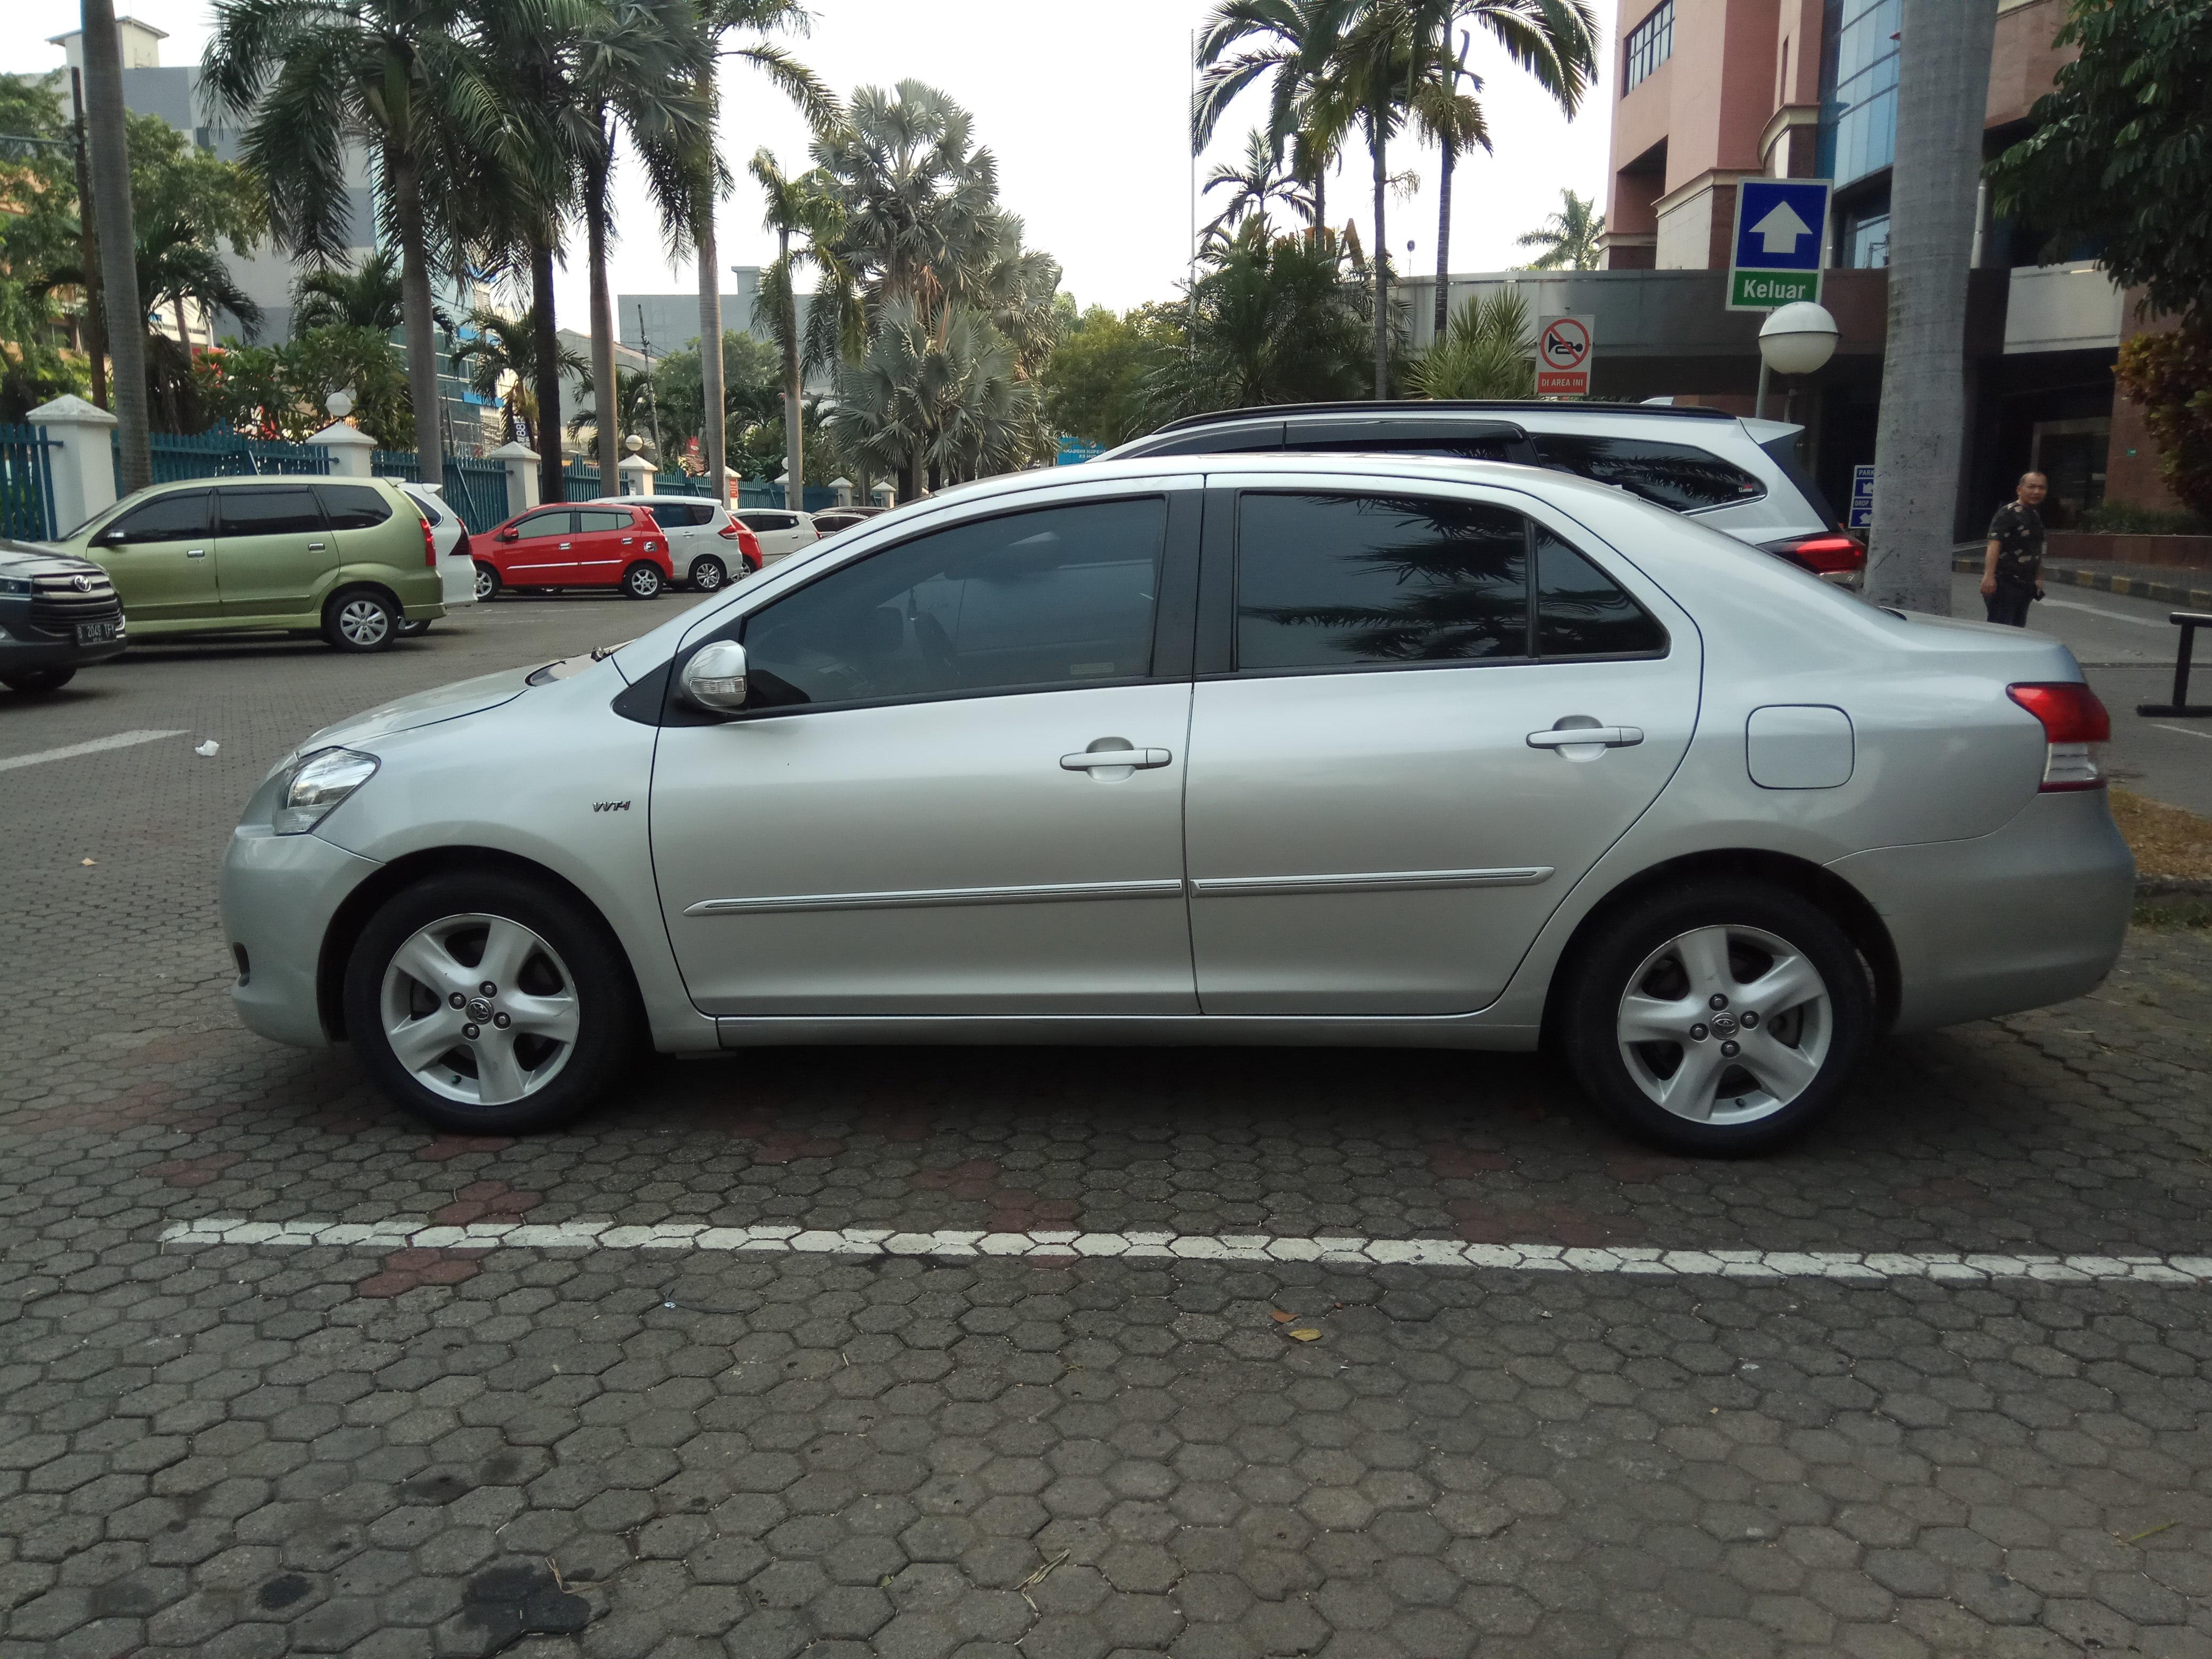 Kelebihan Toyota Vios 2007 Murah Berkualitas